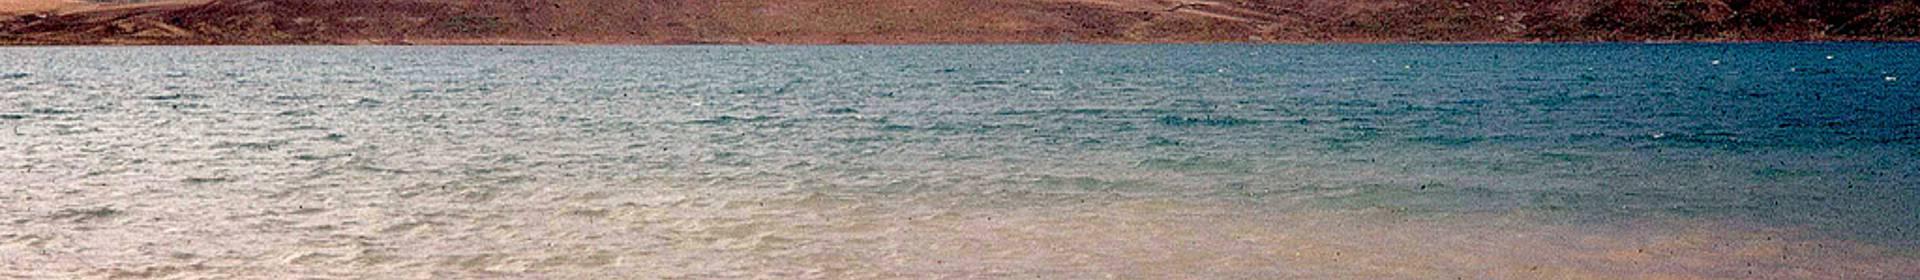 Lago Isli